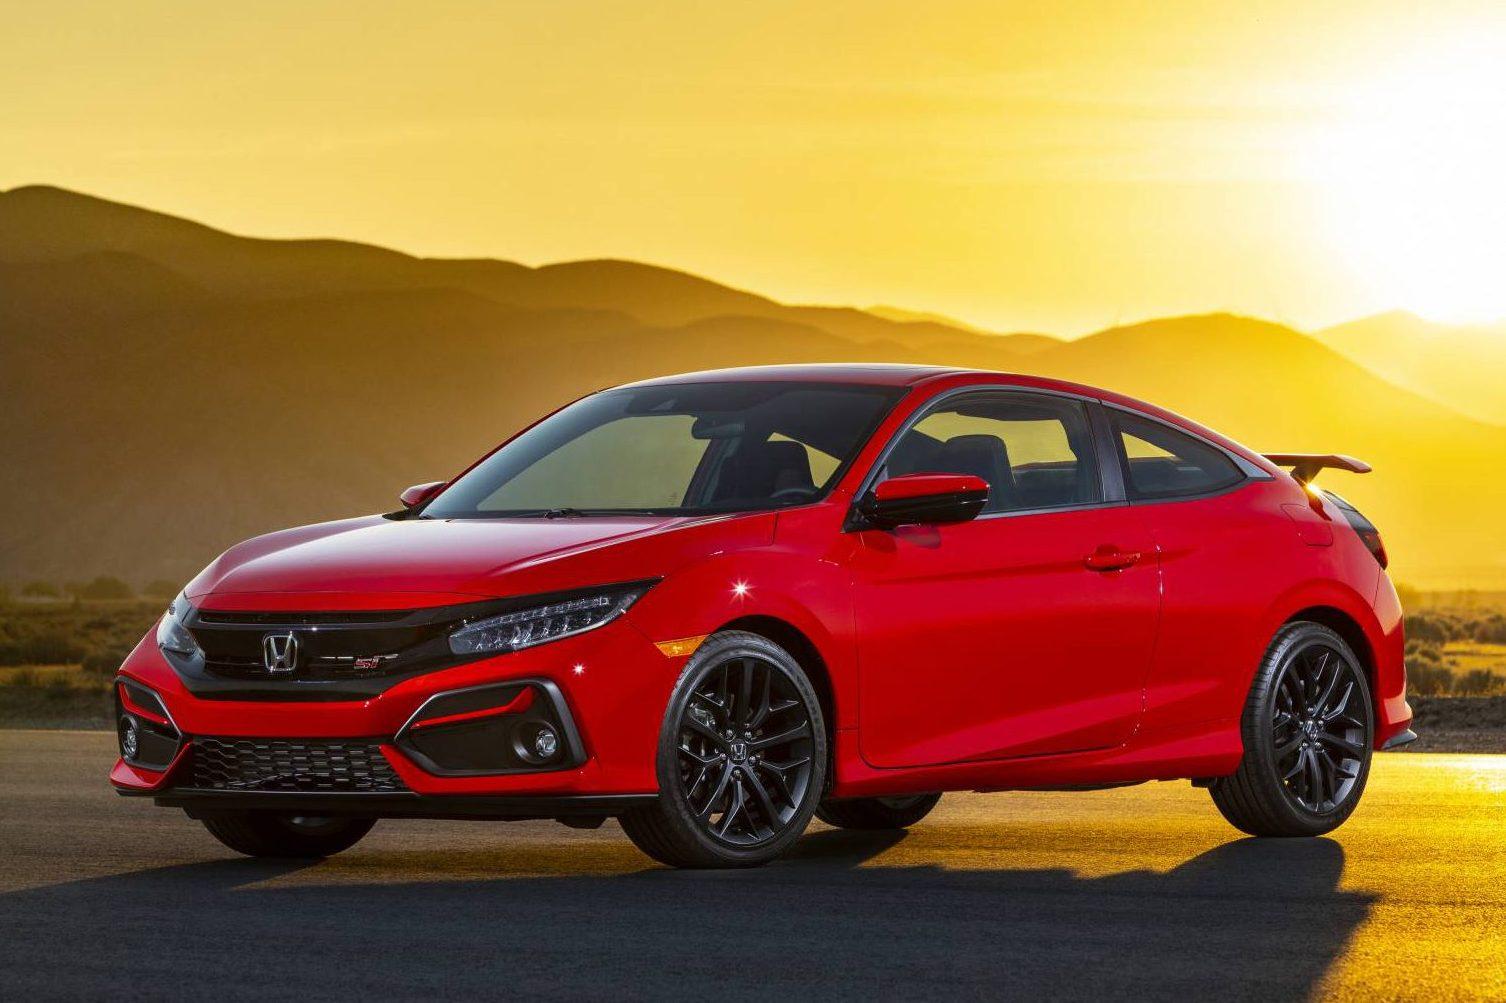 Novo Honda Civic Si Tem Cambio Mais Curto E Simula Ronco De Motor Quatro Rodas